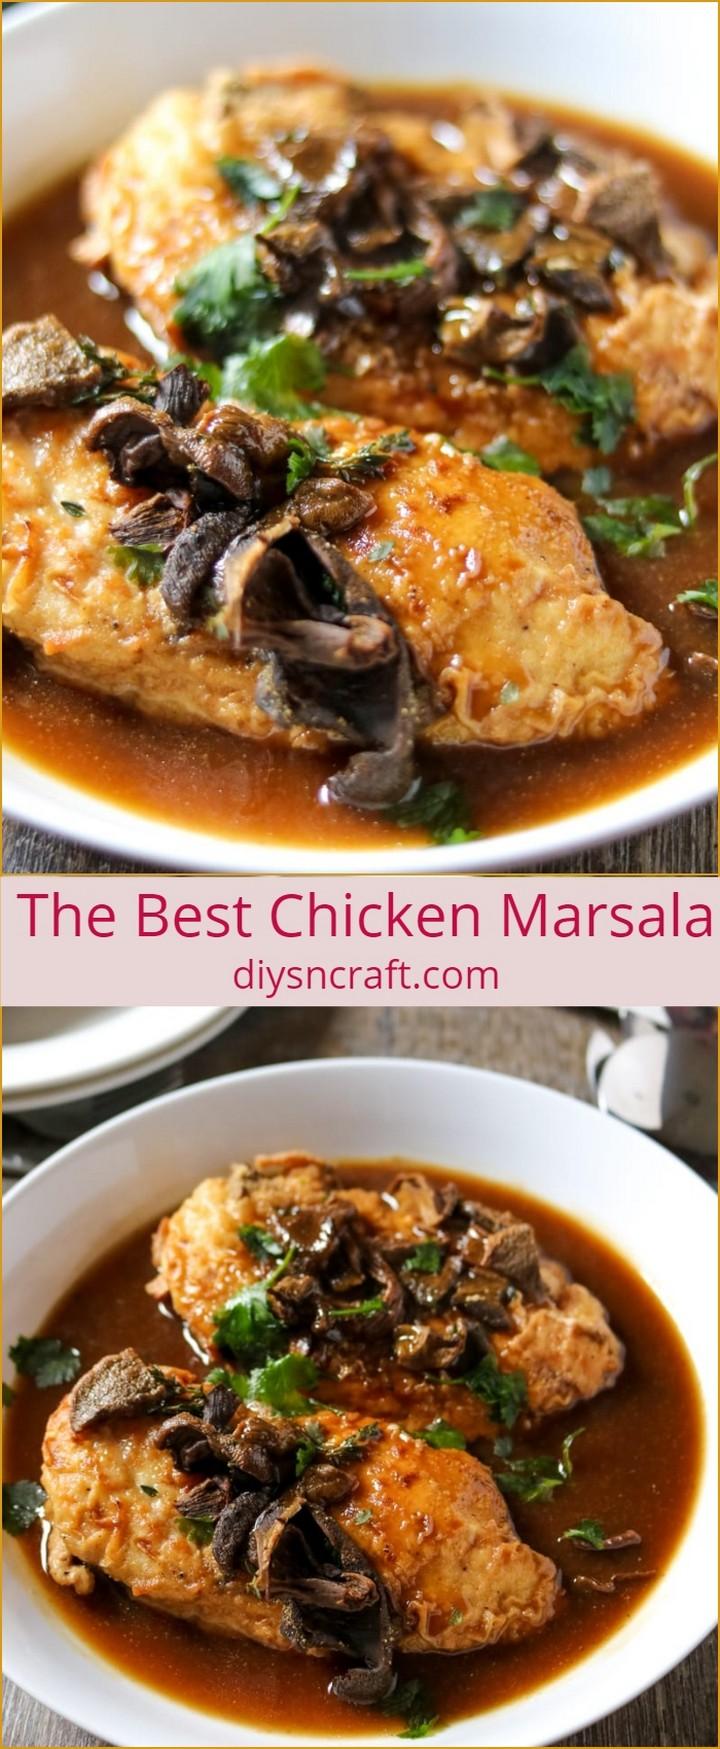 The Best Chicken Marsala 1 1